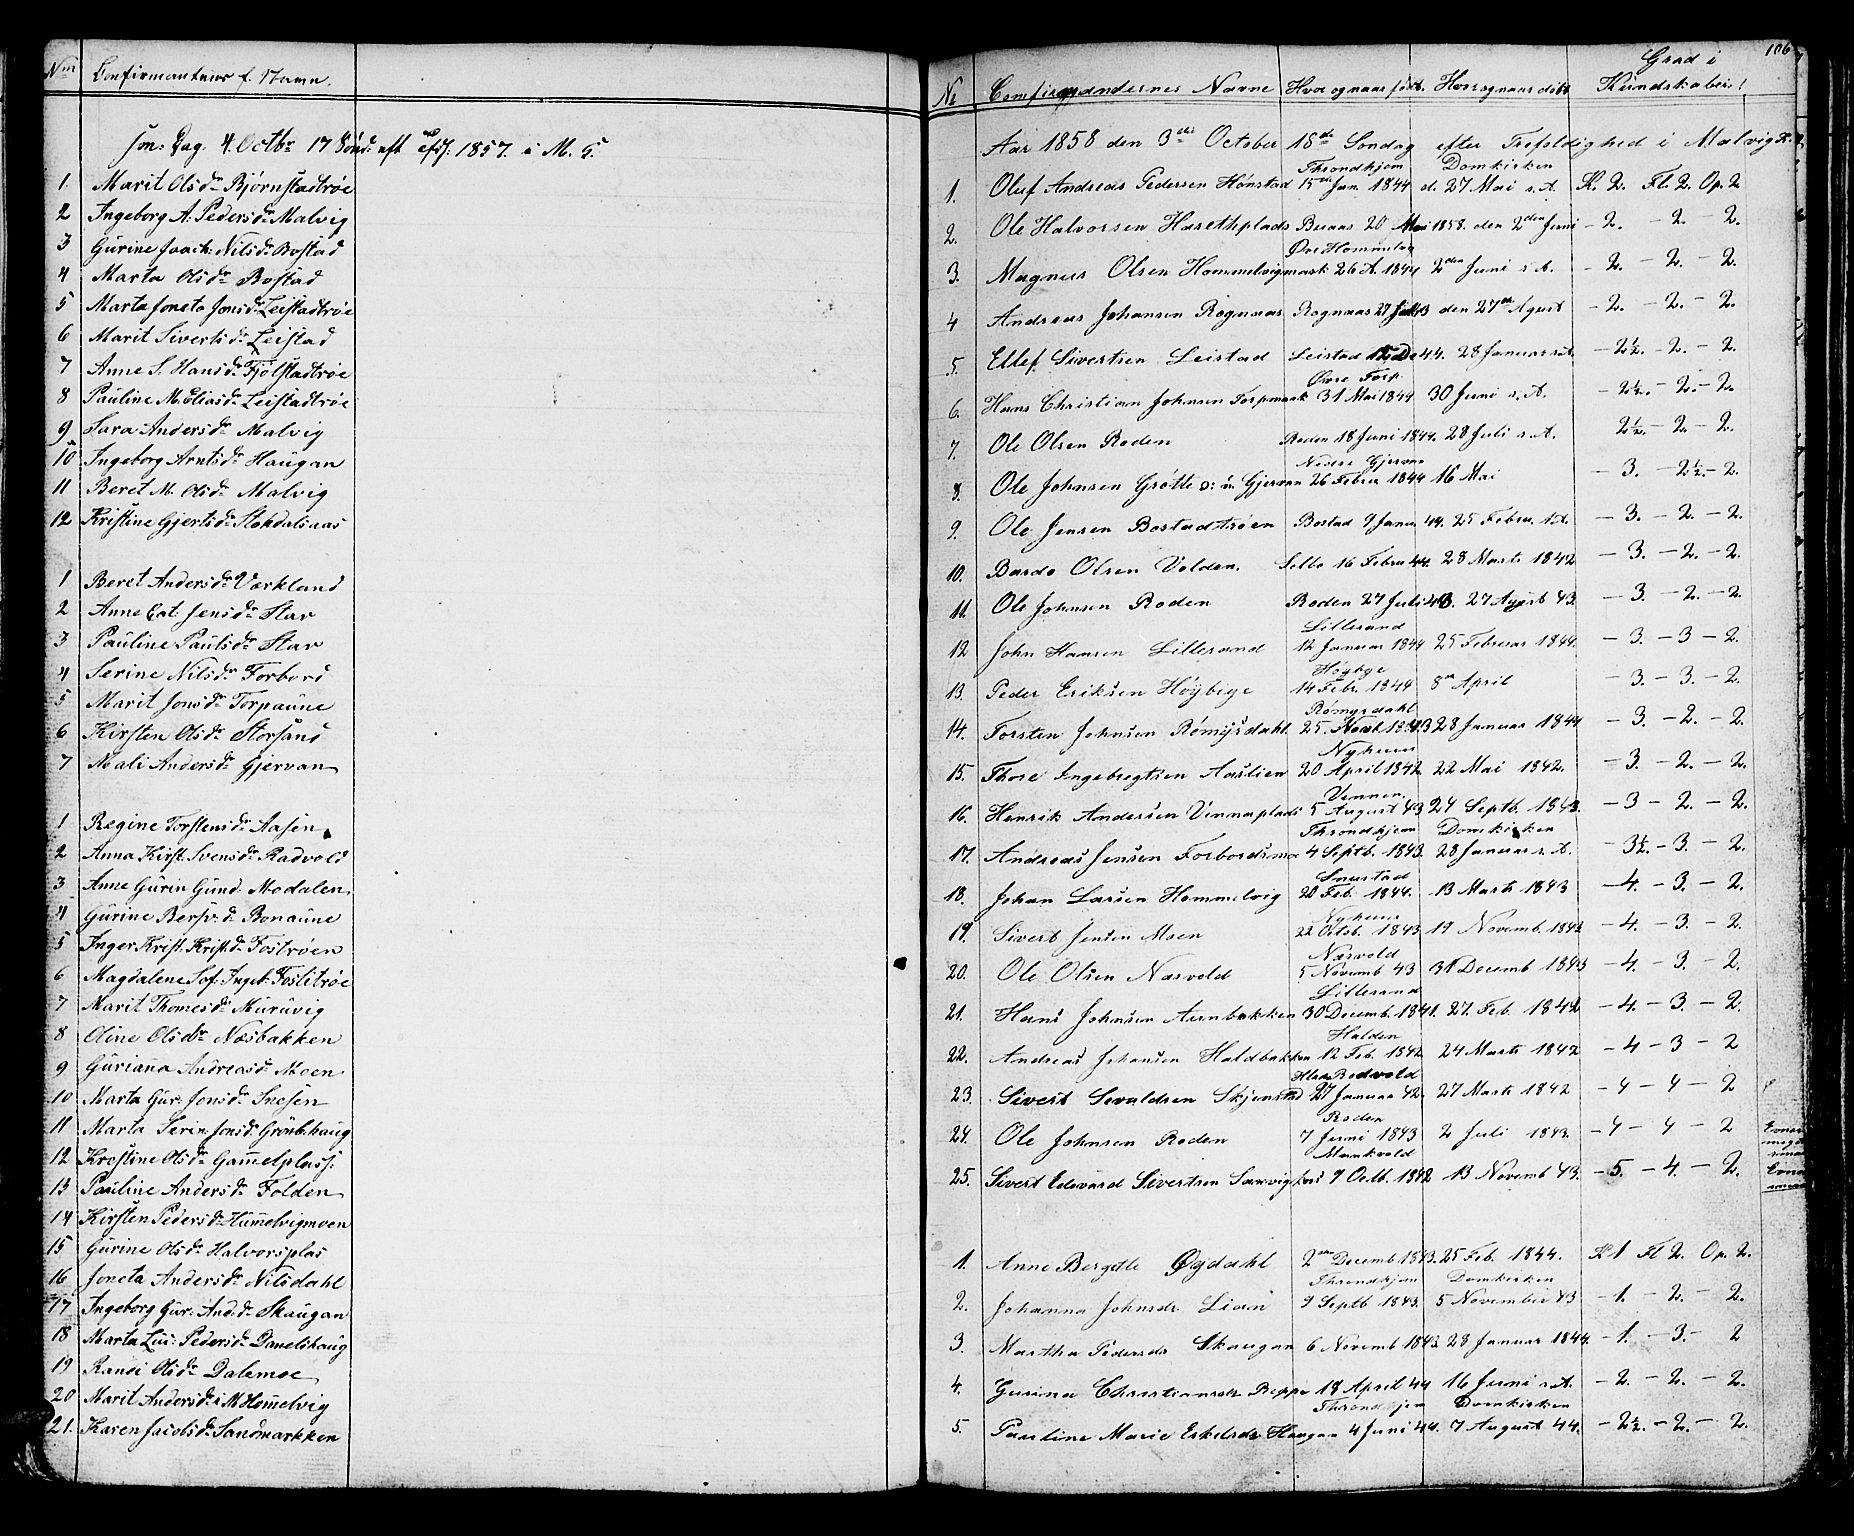 SAT, Ministerialprotokoller, klokkerbøker og fødselsregistre - Sør-Trøndelag, 616/L0422: Klokkerbok nr. 616C05, 1850-1888, s. 106